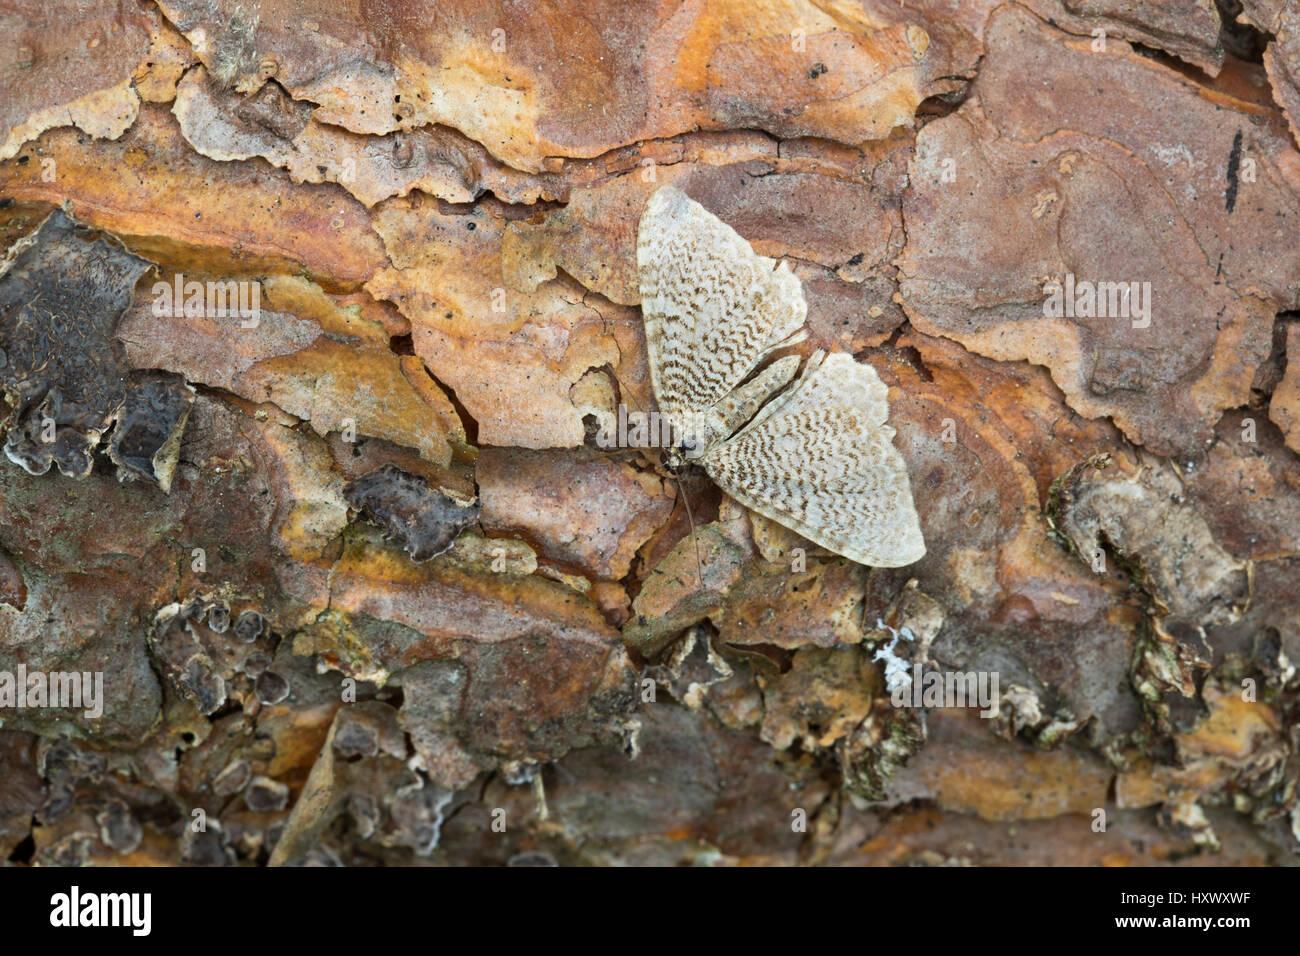 Scallop Shell Moth; Hydria undulata Single on Wood Cornwall; UK - Stock Image